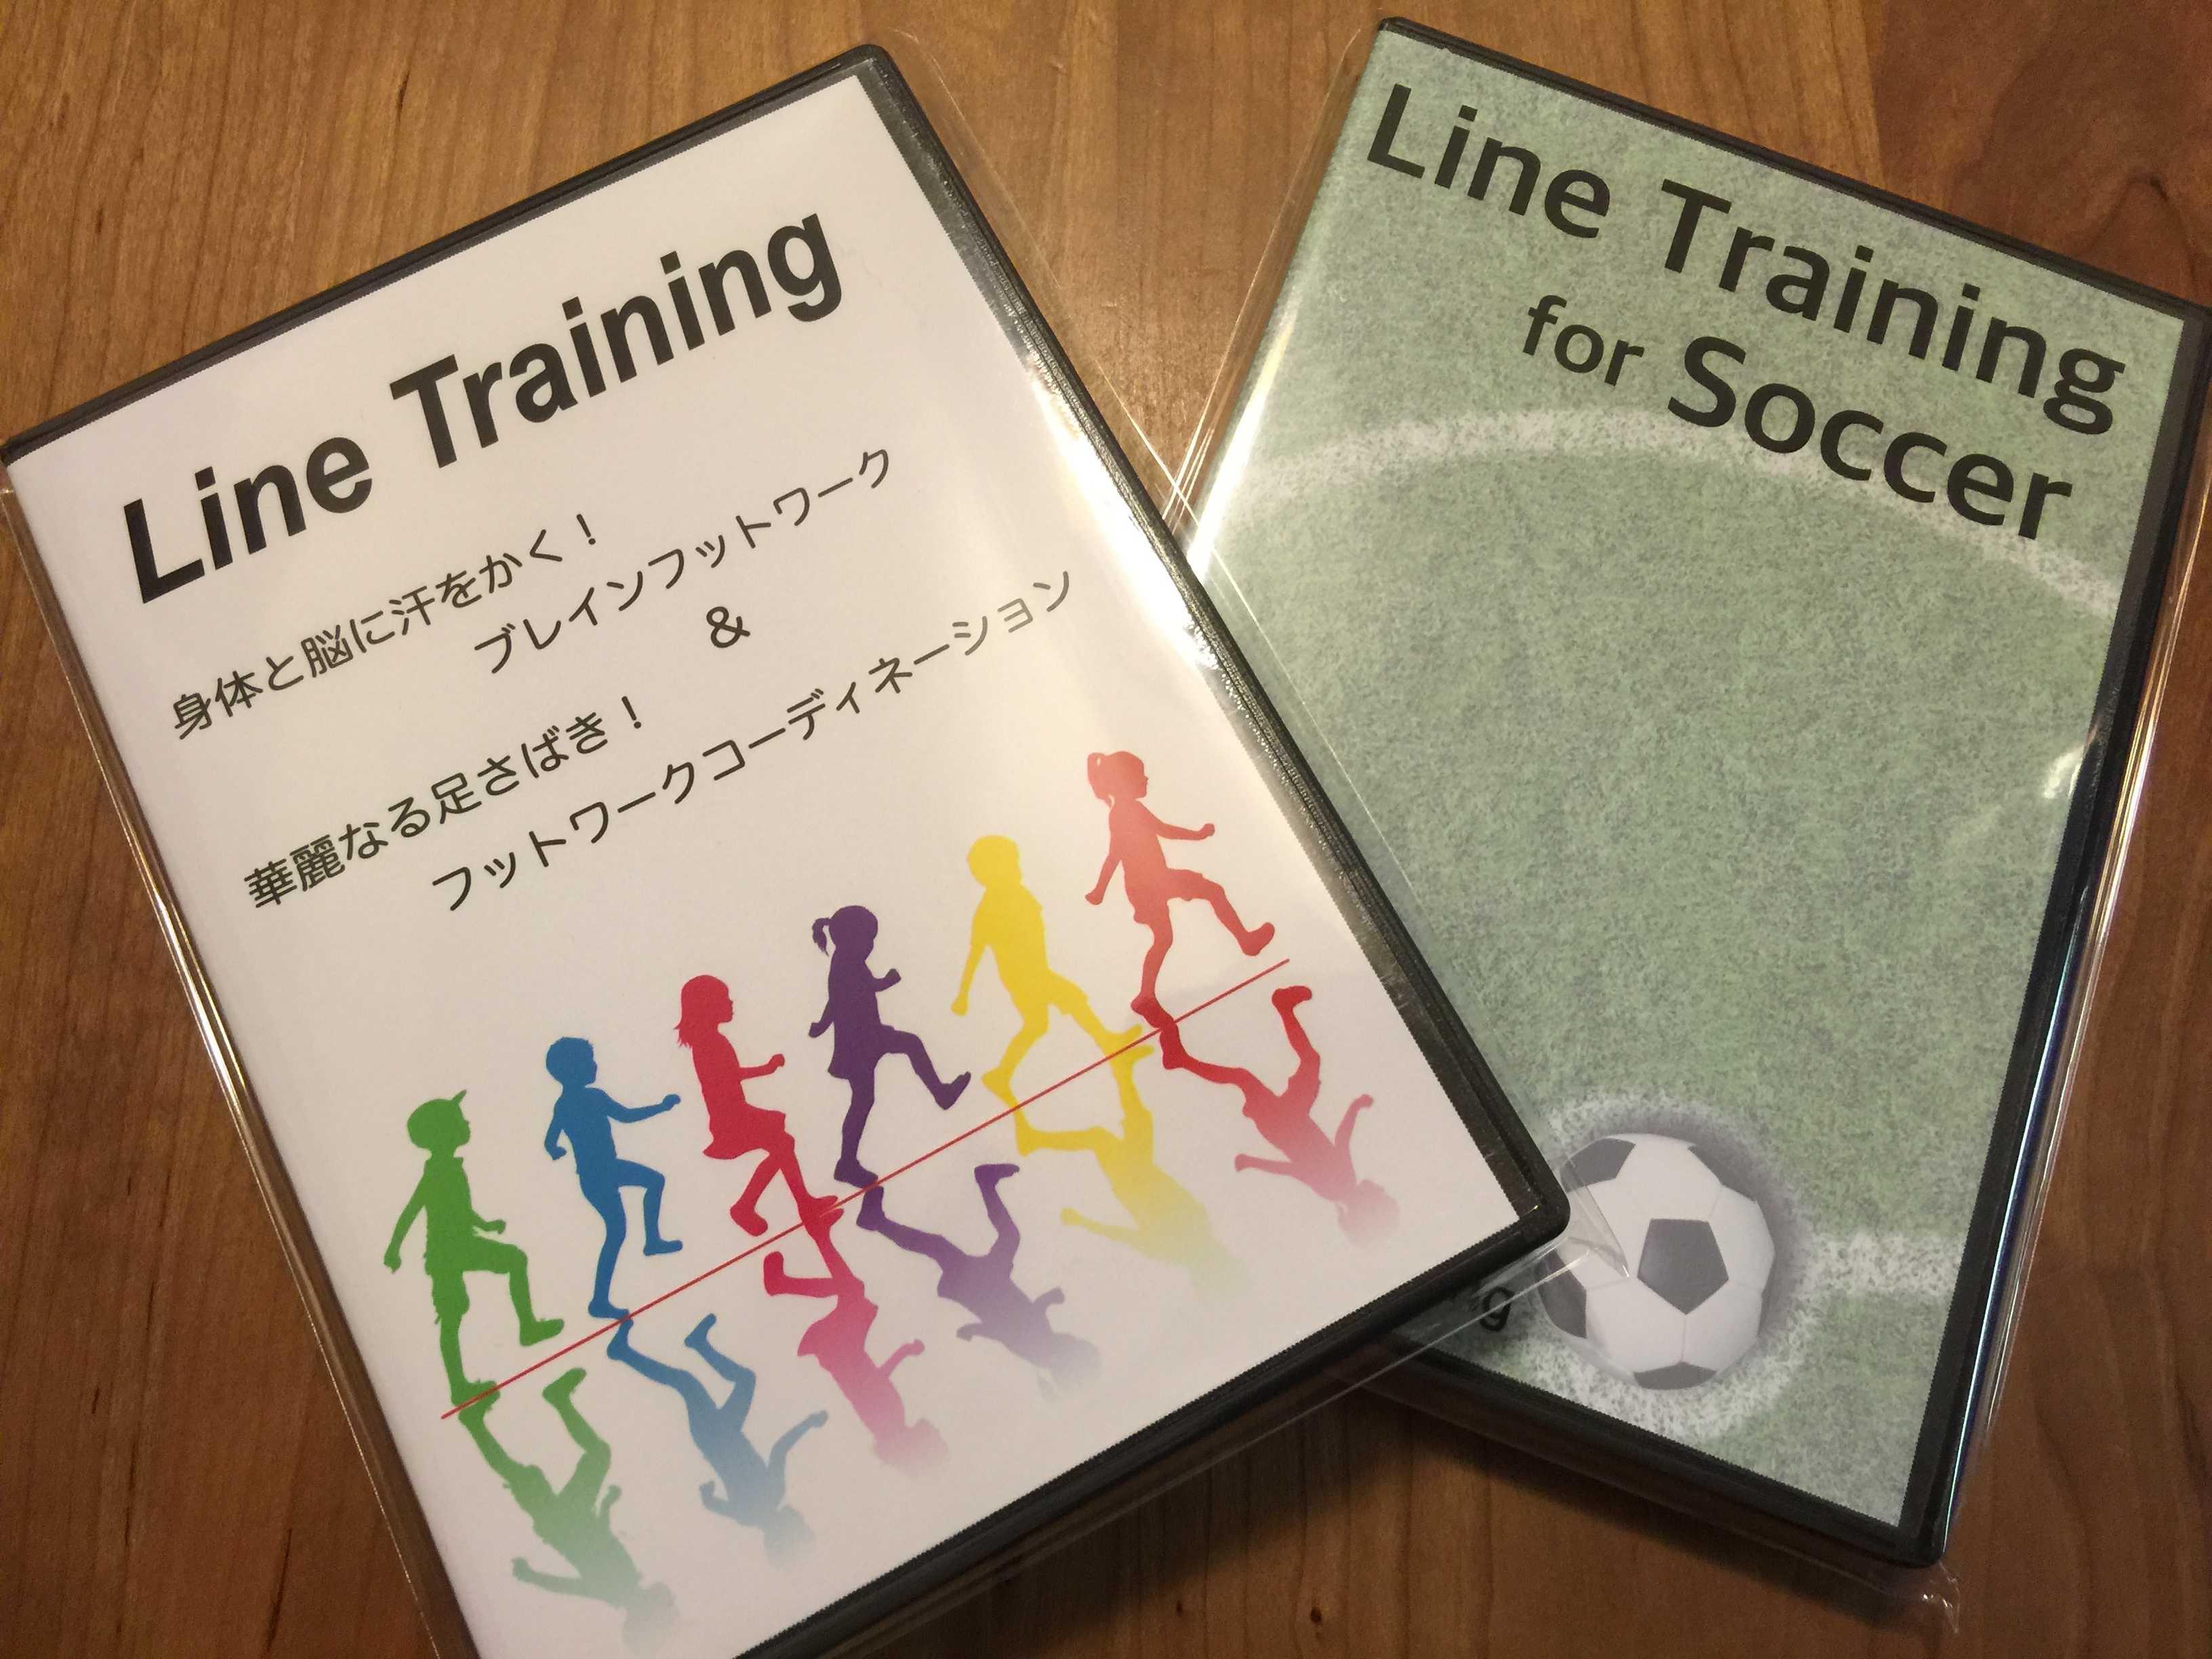 ライントレーニング フルセット(Vol1.2&サッカー)